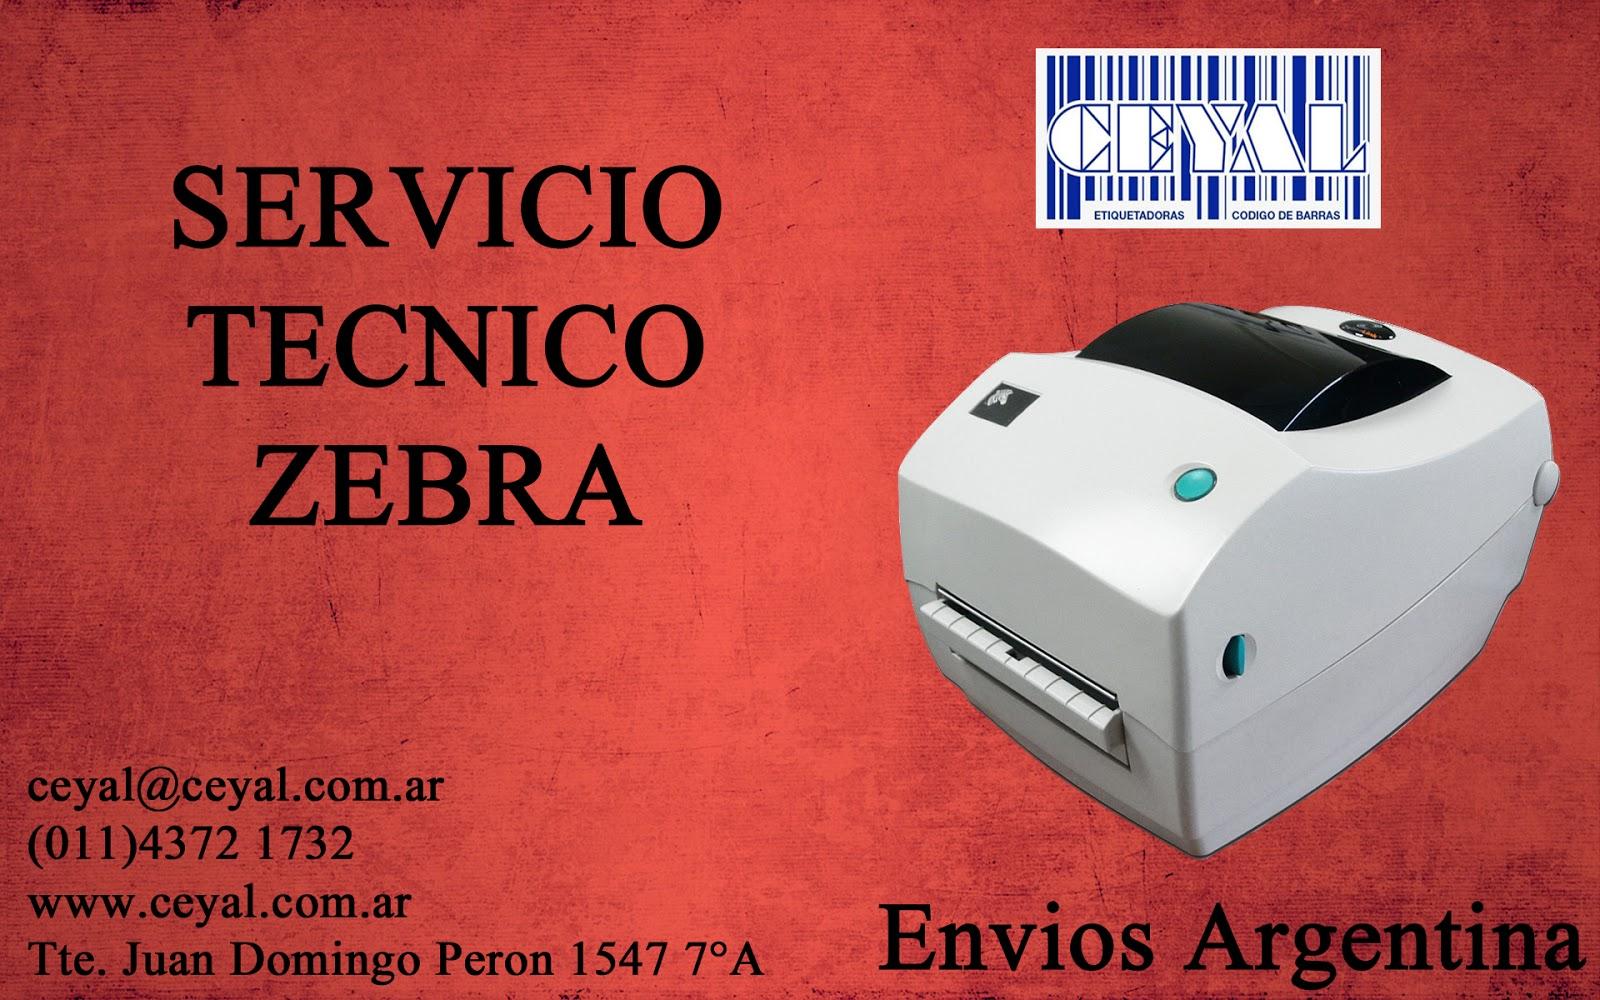 Argentina accesorios para el etiquetado en electrodomesticos Don Torcuato buenos aires